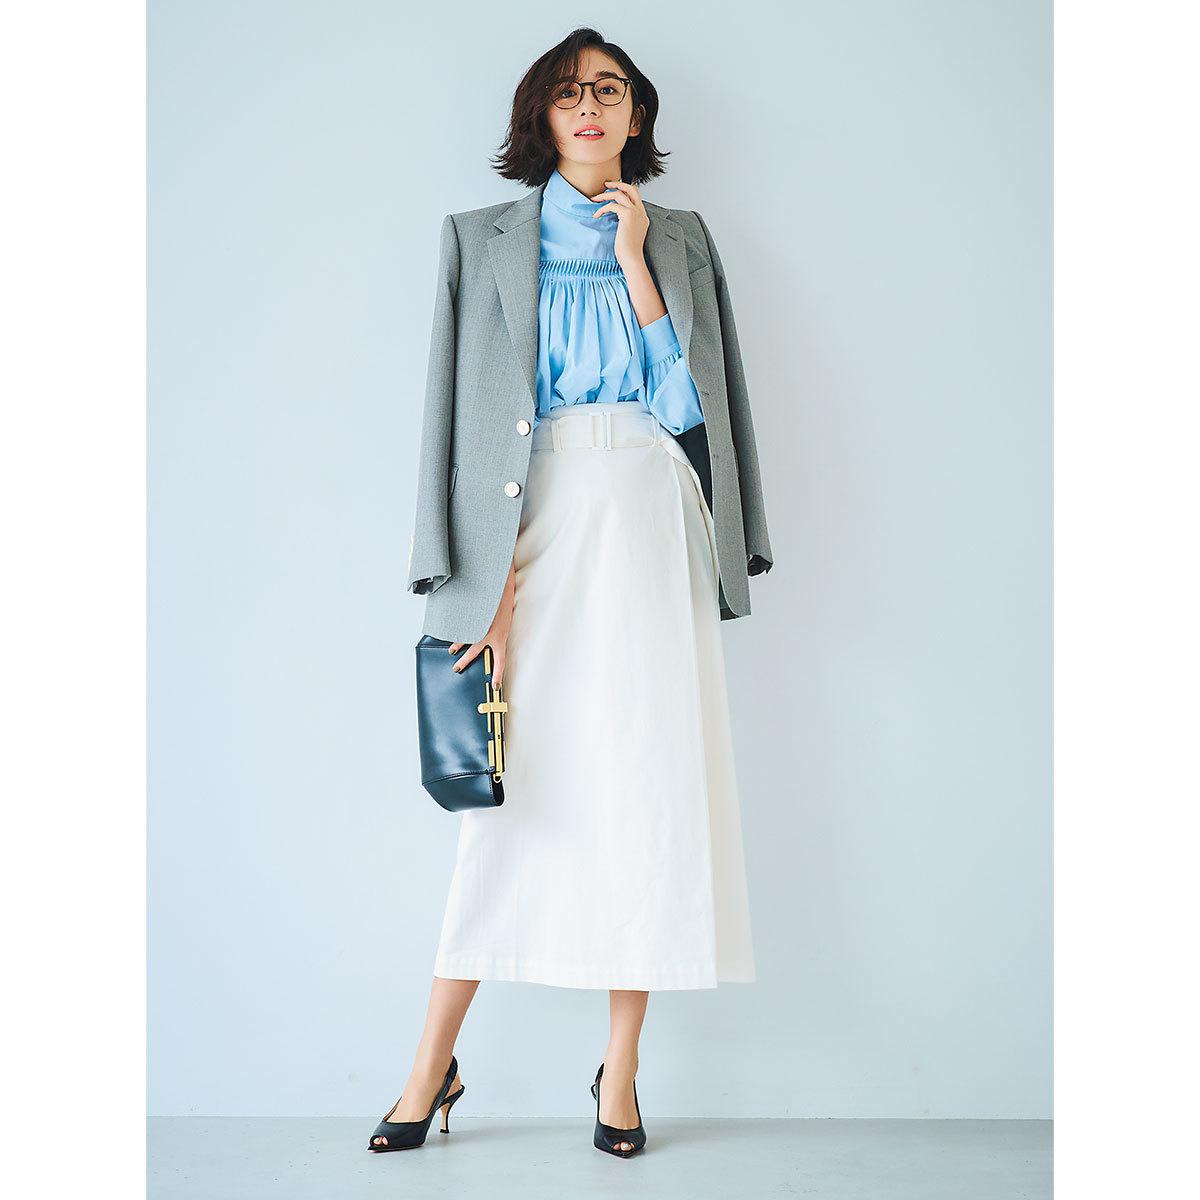 ジャケット×サックスブルーのシャツ×スカートコーデ